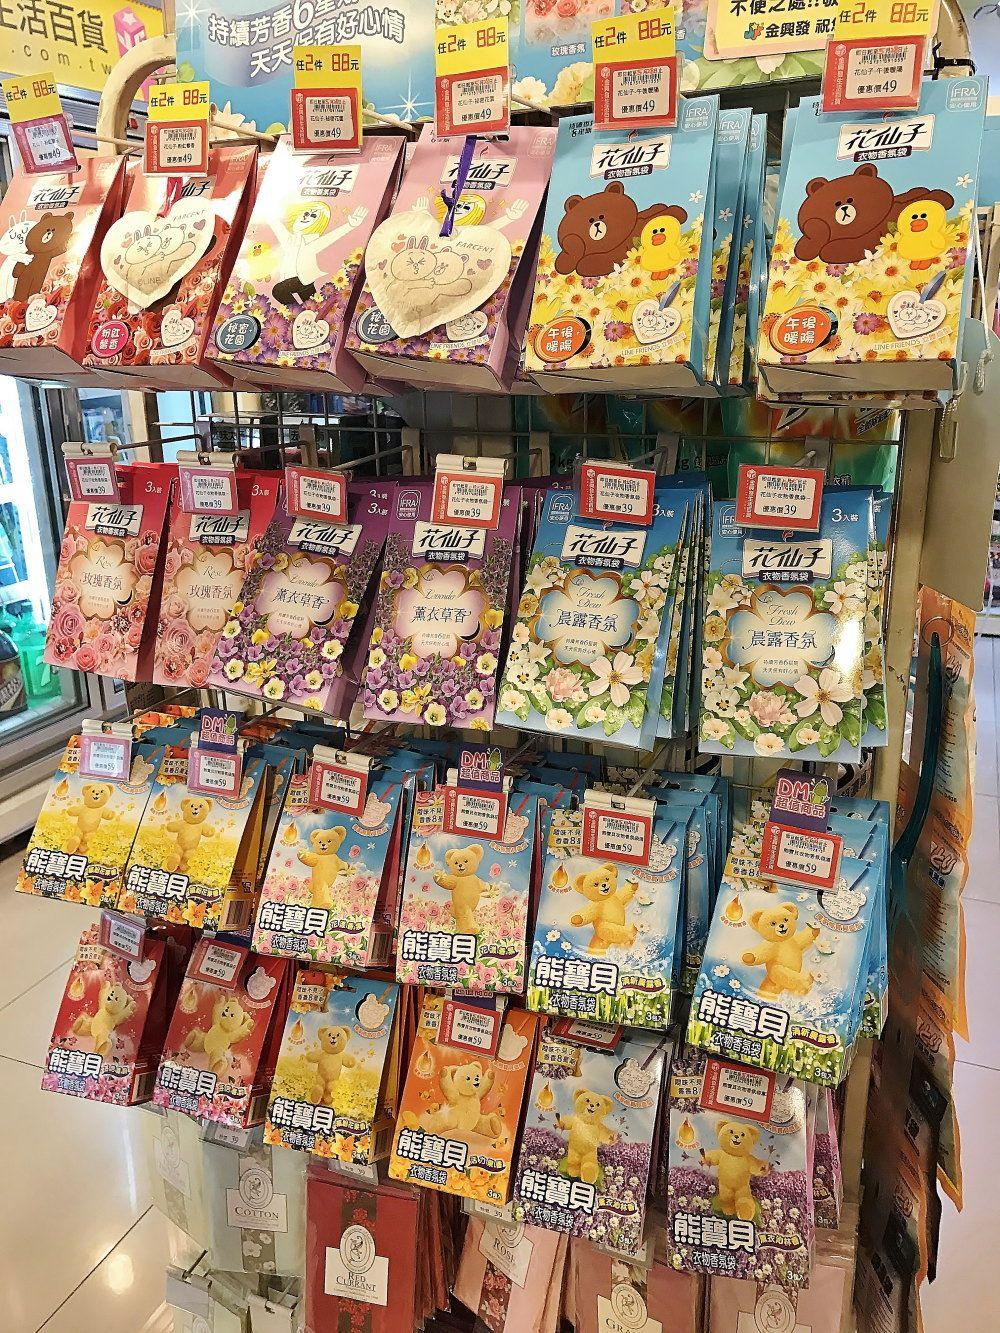 まとめ 台湾のドラッグストアで買うおすすめコスメ土産best10 台湾 土産 芳香剤